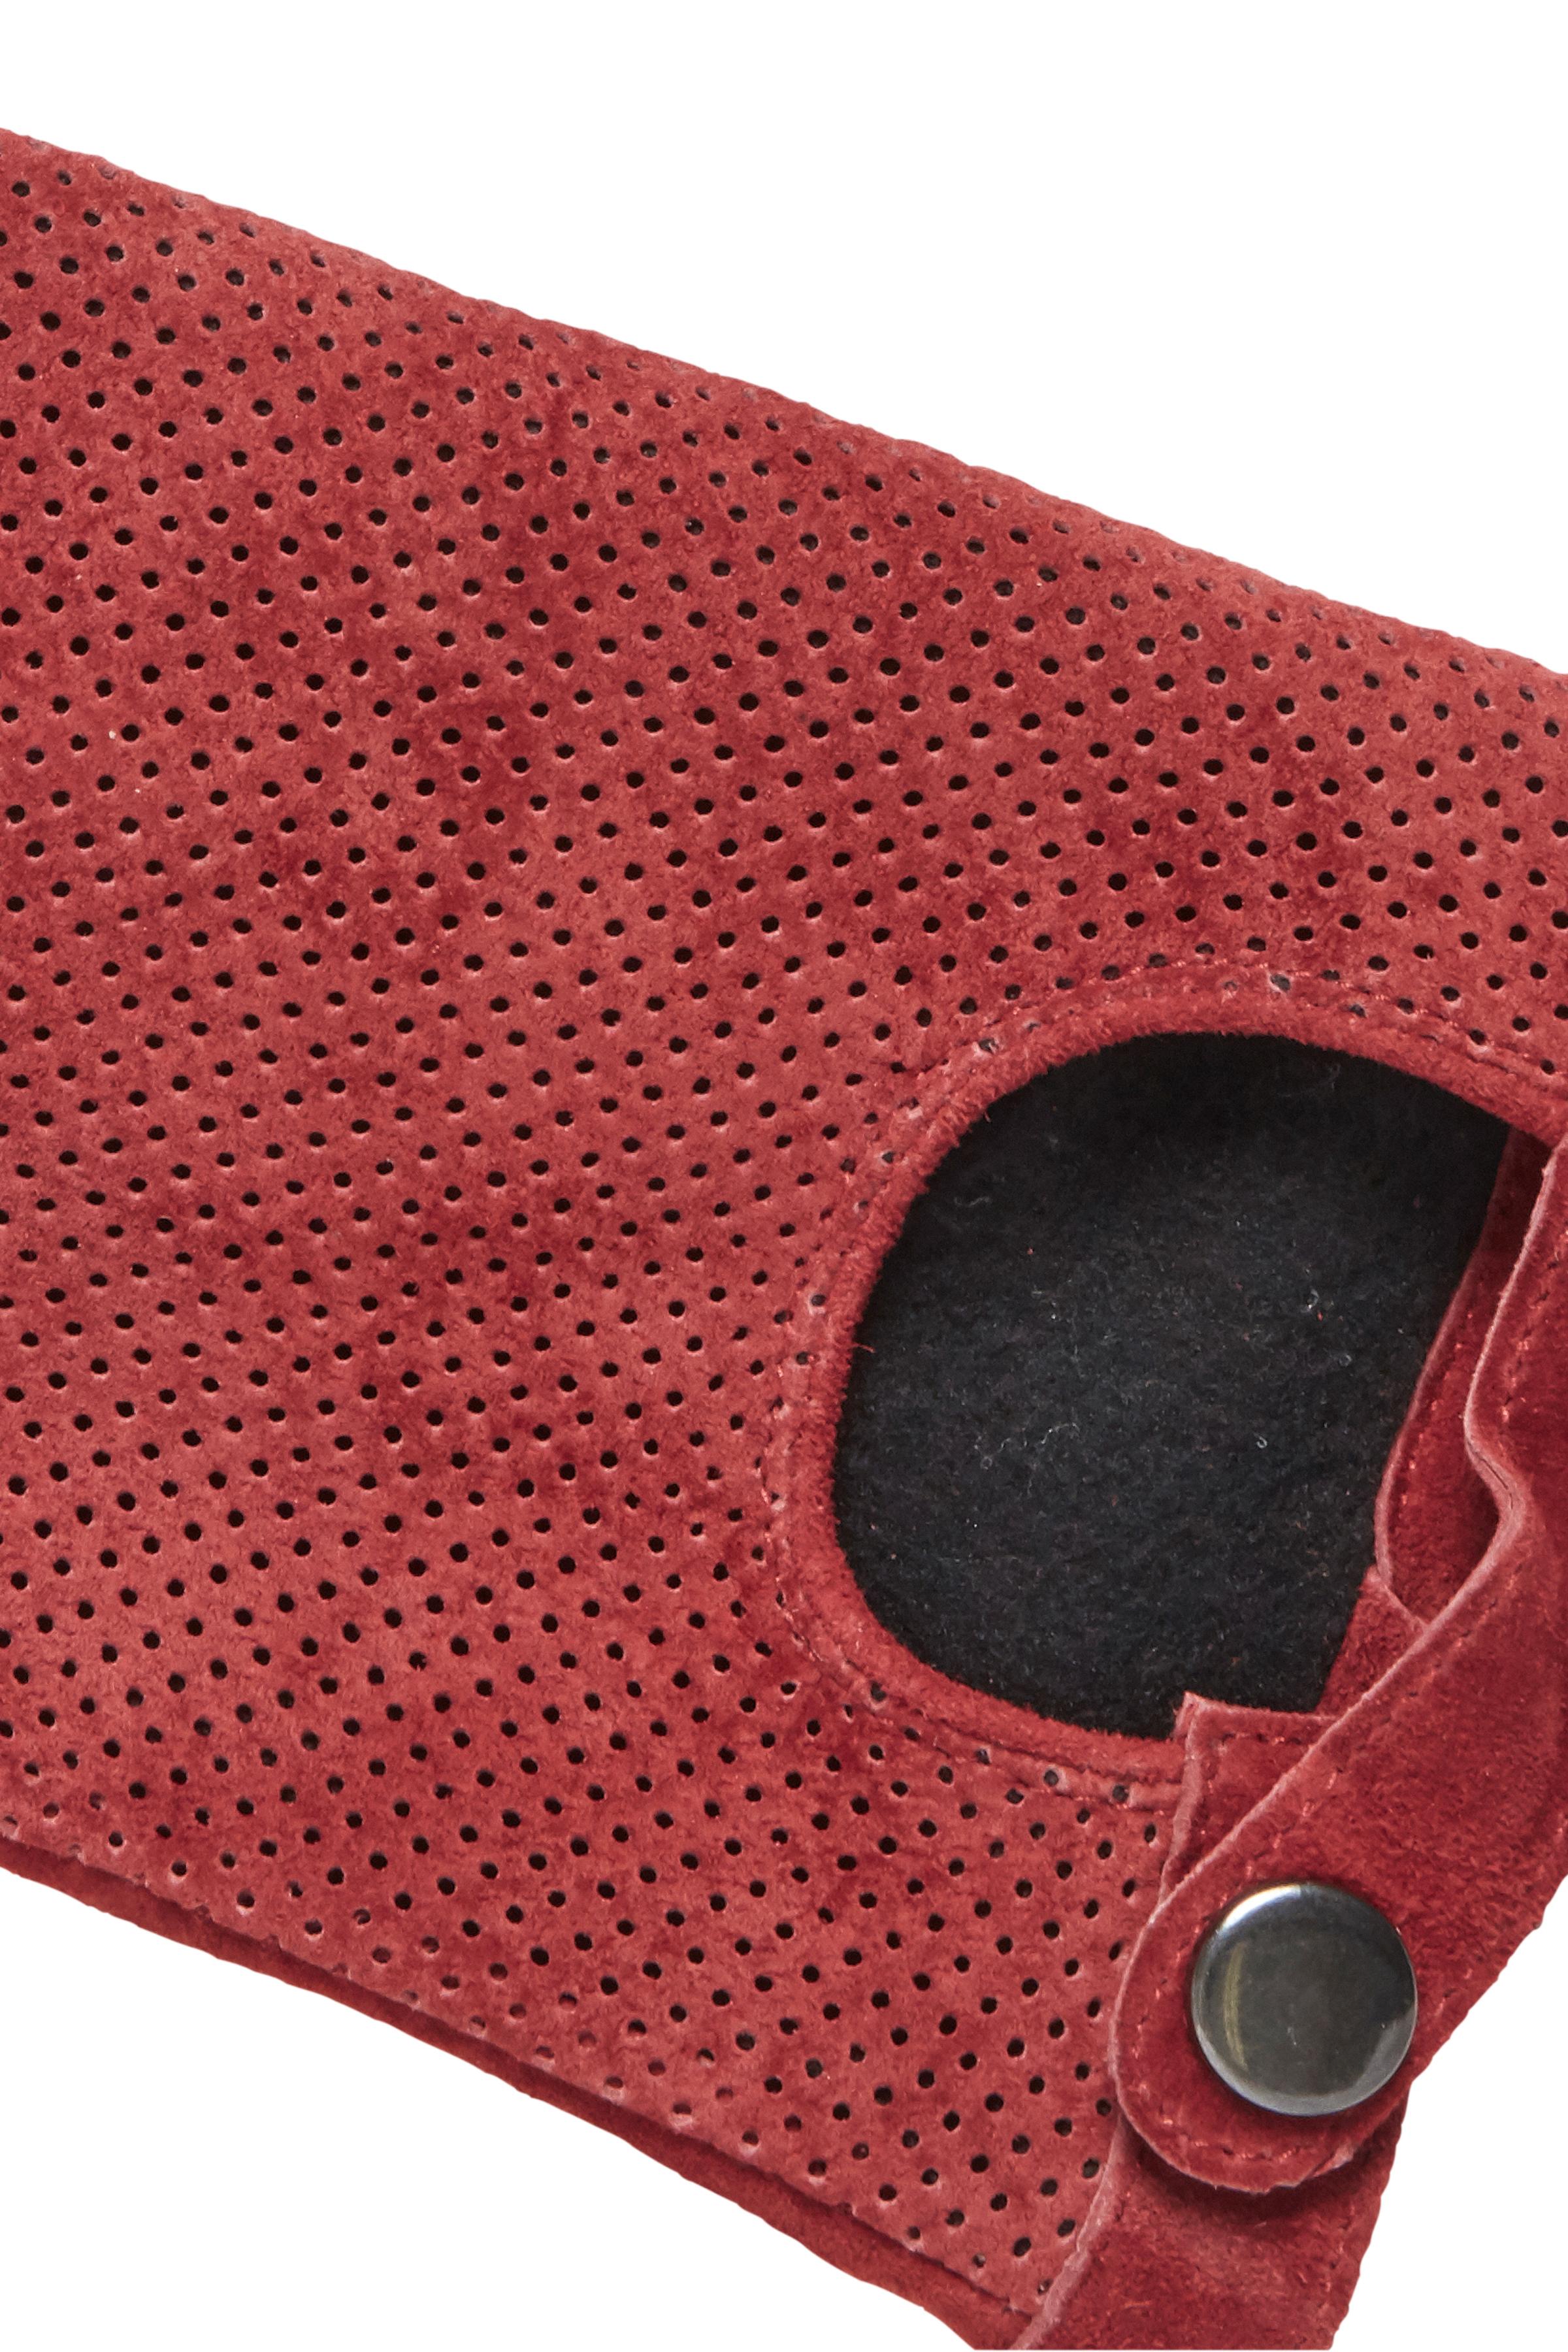 Red Ochre Handsker – Køb Red Ochre Handsker fra str. XS/S-M/L her